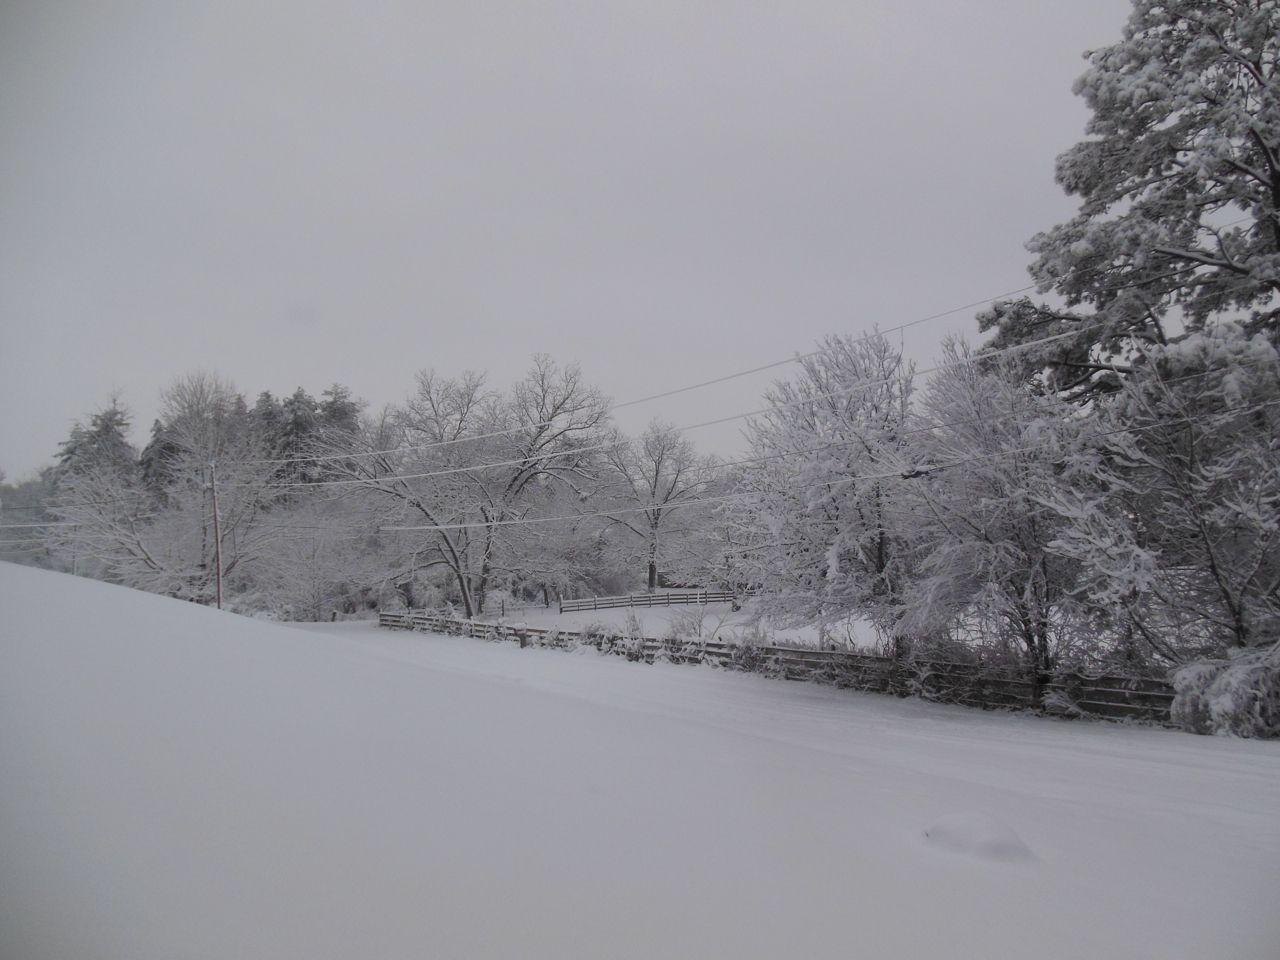 It's a white winter wonderland!